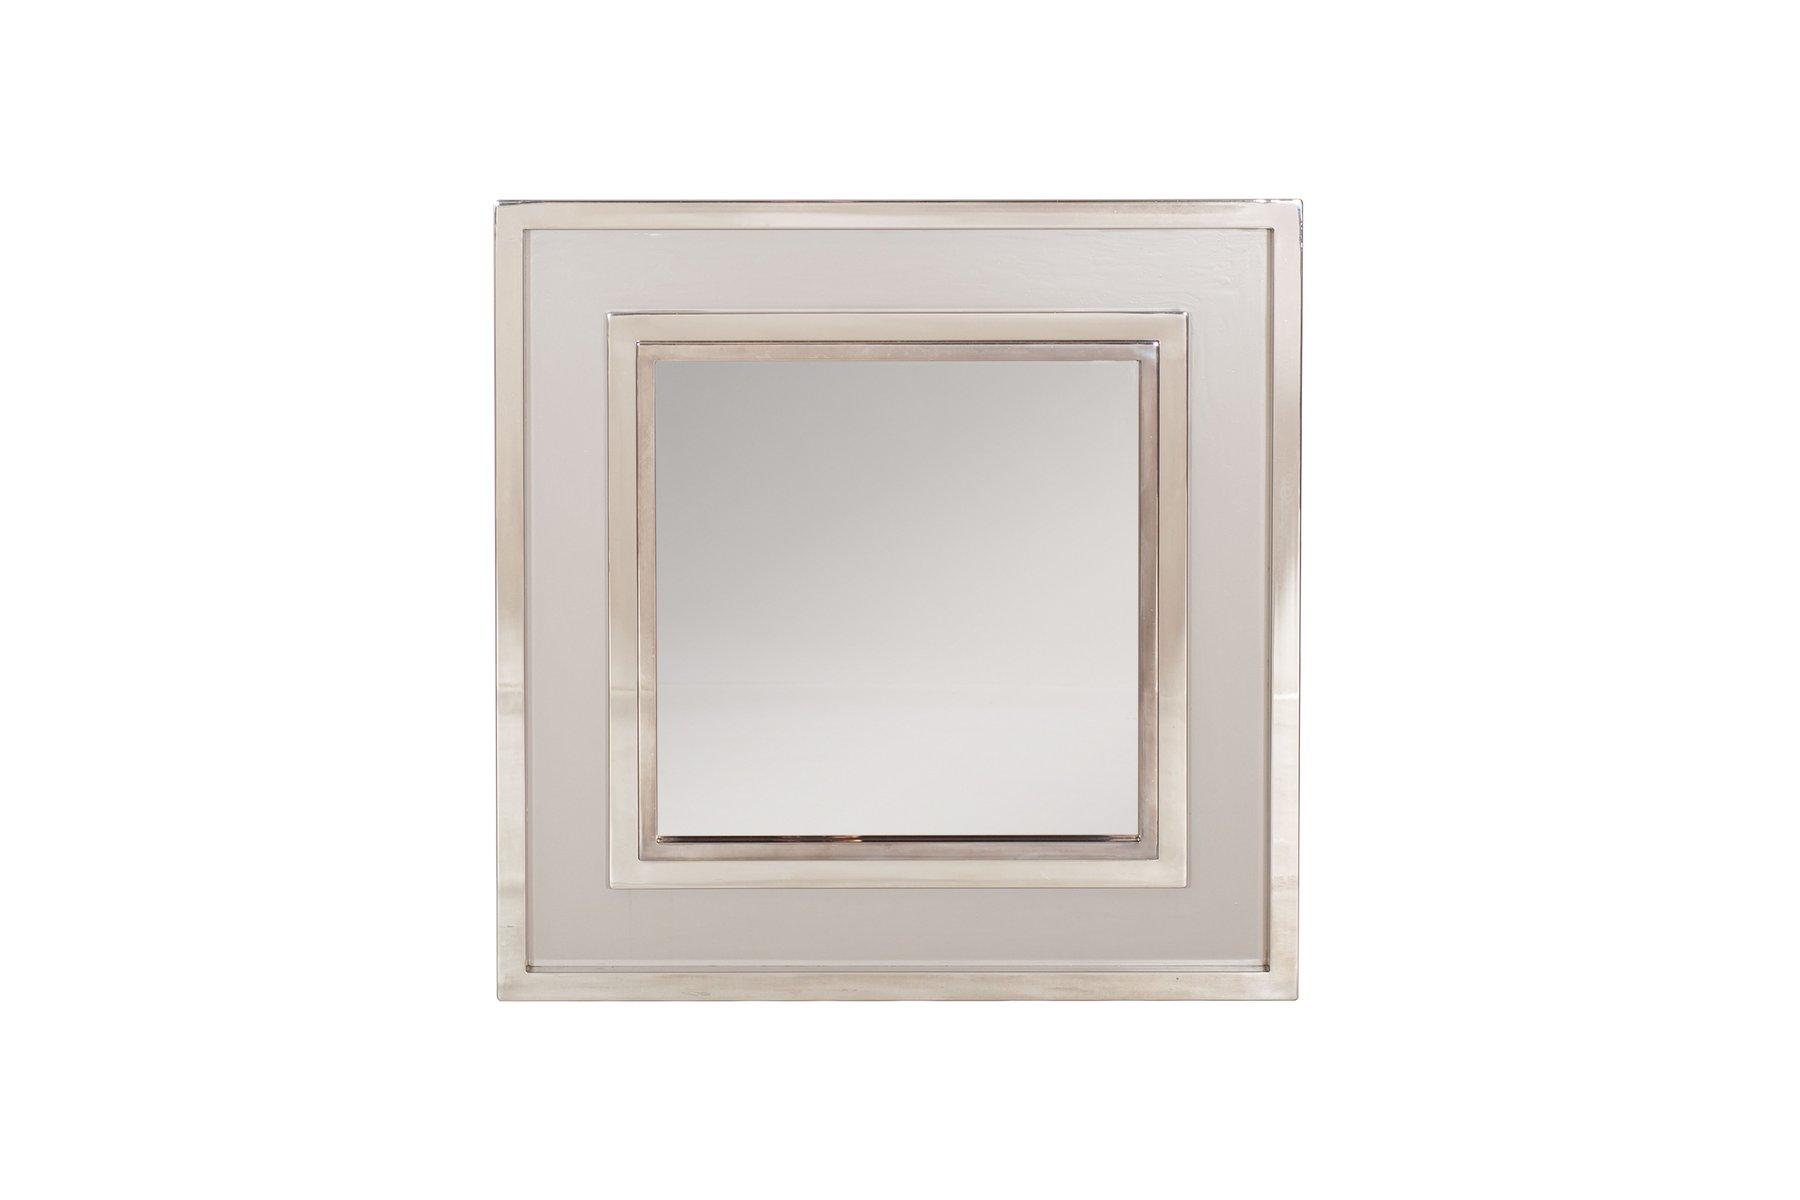 gro er verchromter spiegel von maison jansen 1980er bei pamono kaufen. Black Bedroom Furniture Sets. Home Design Ideas